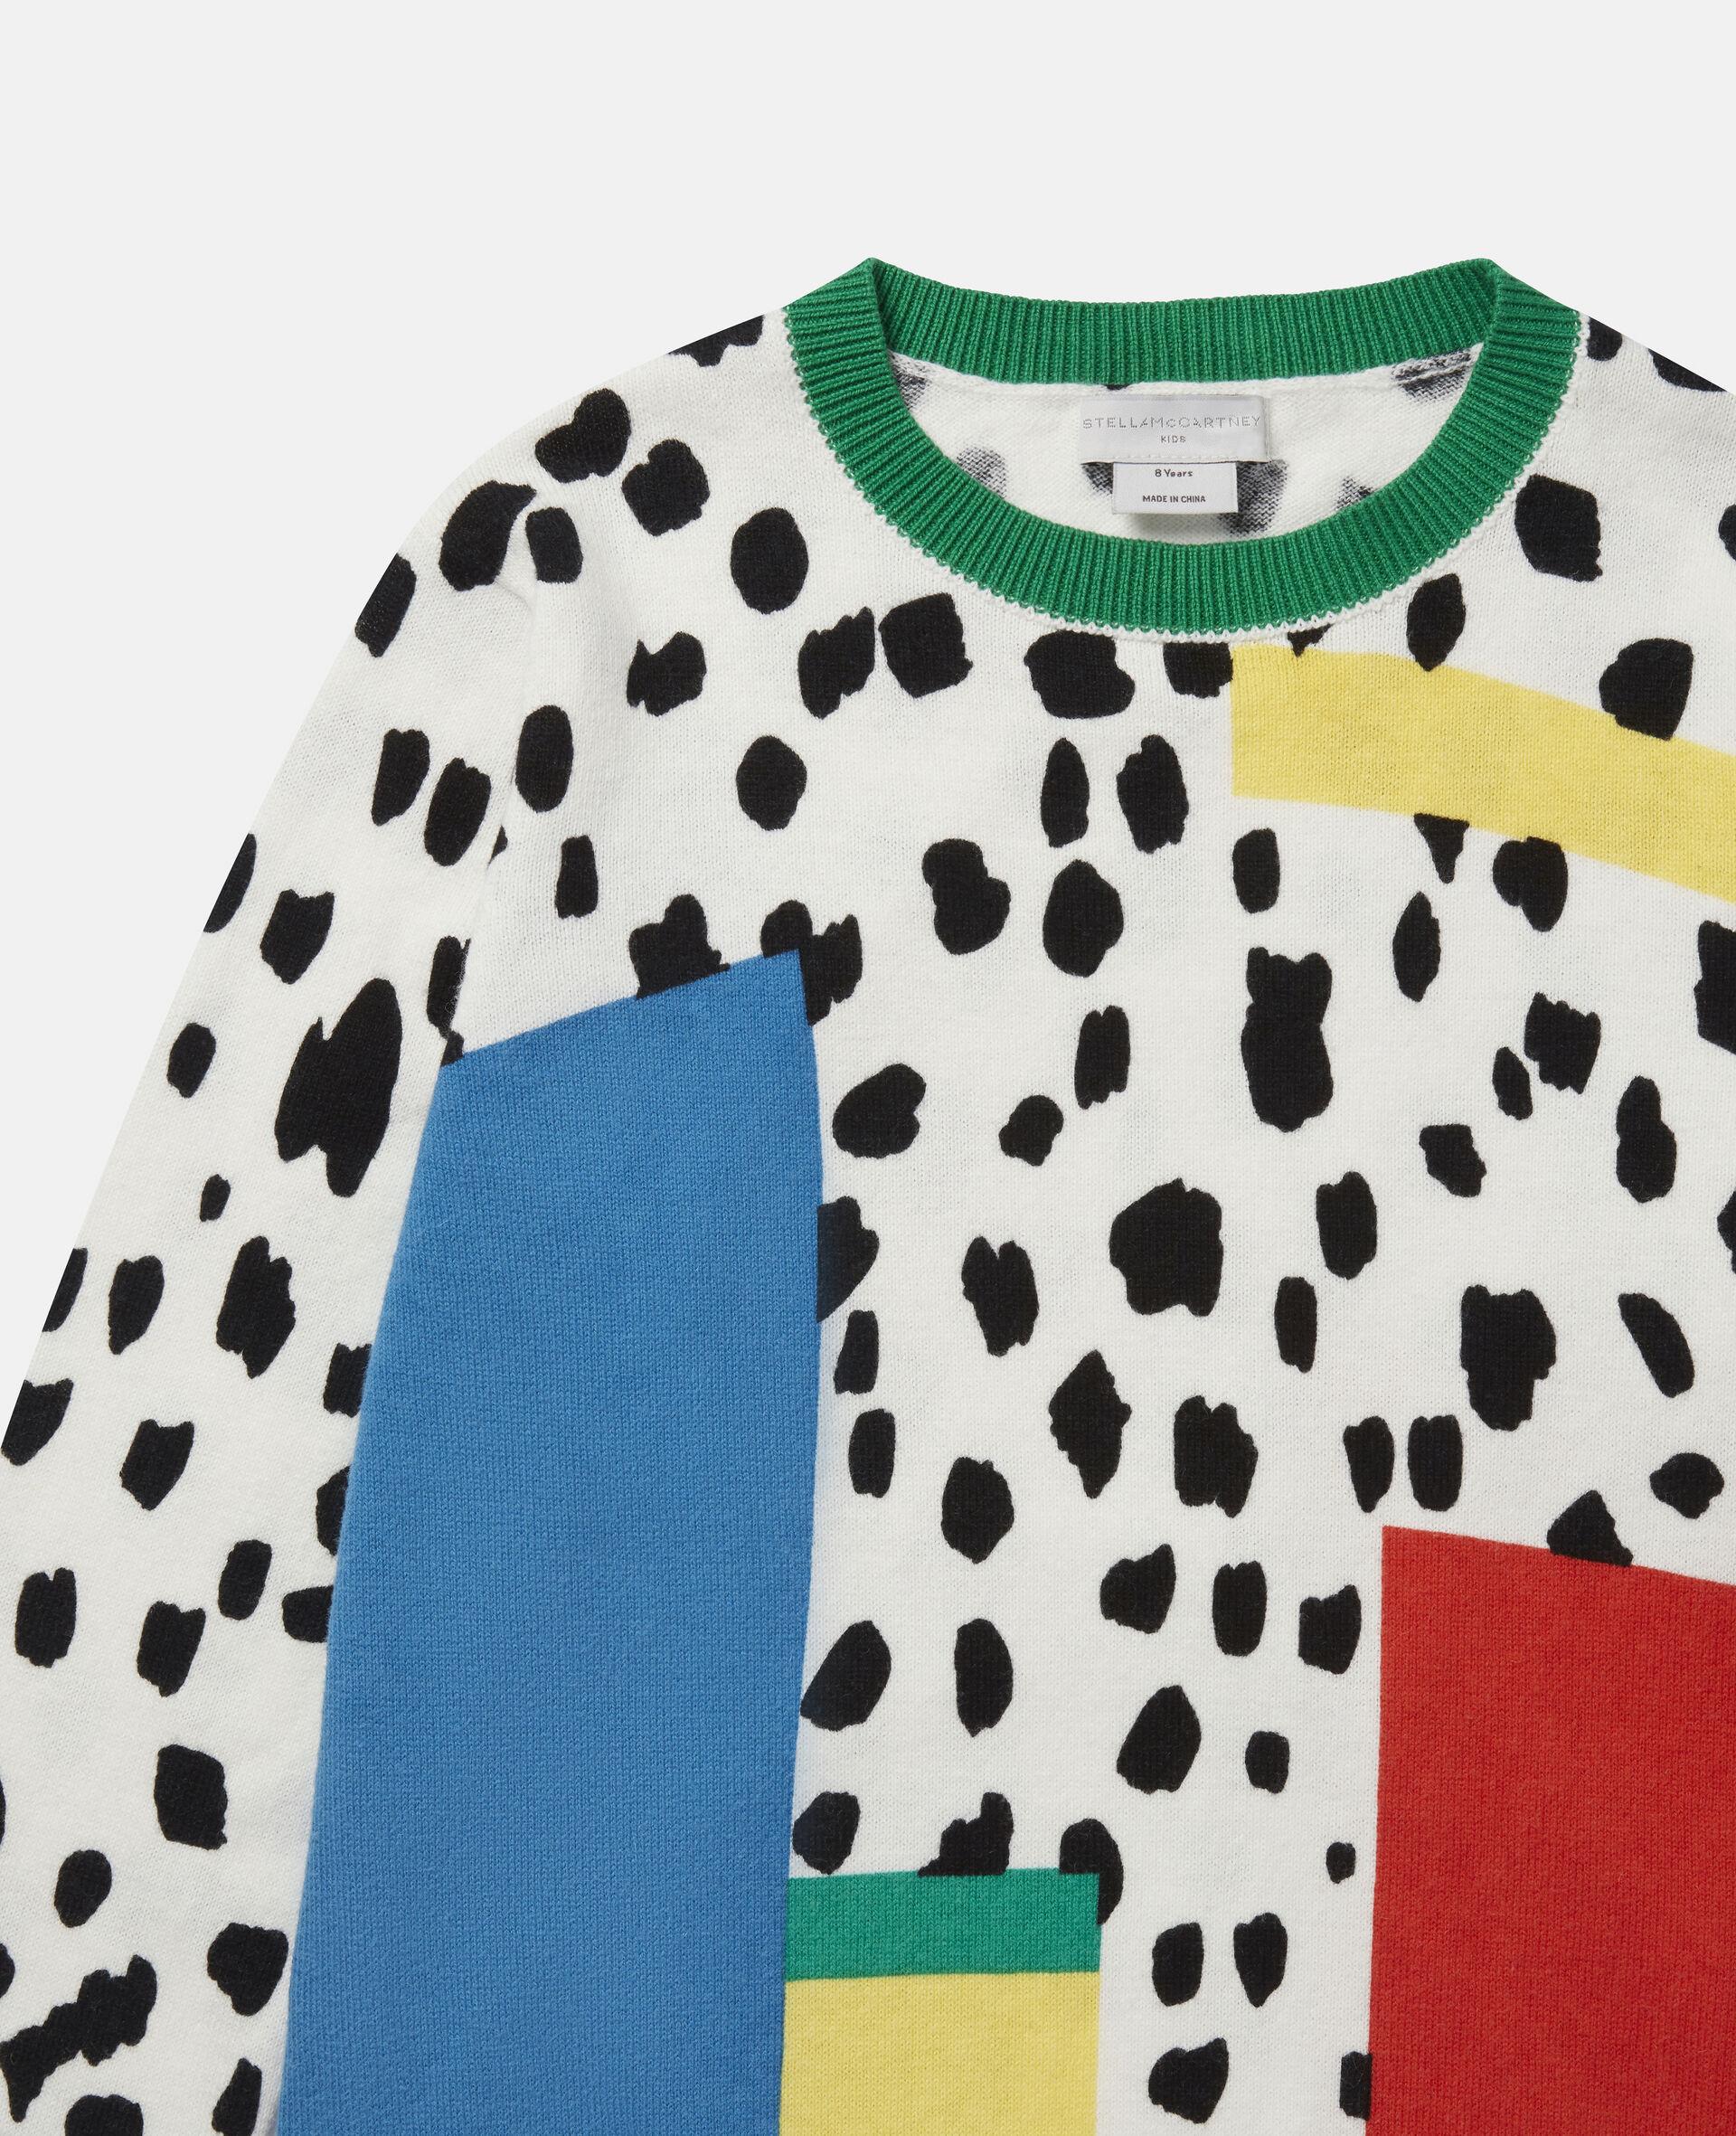 Dalmatian Spots Knit Jumper-Multicolour-large image number 1